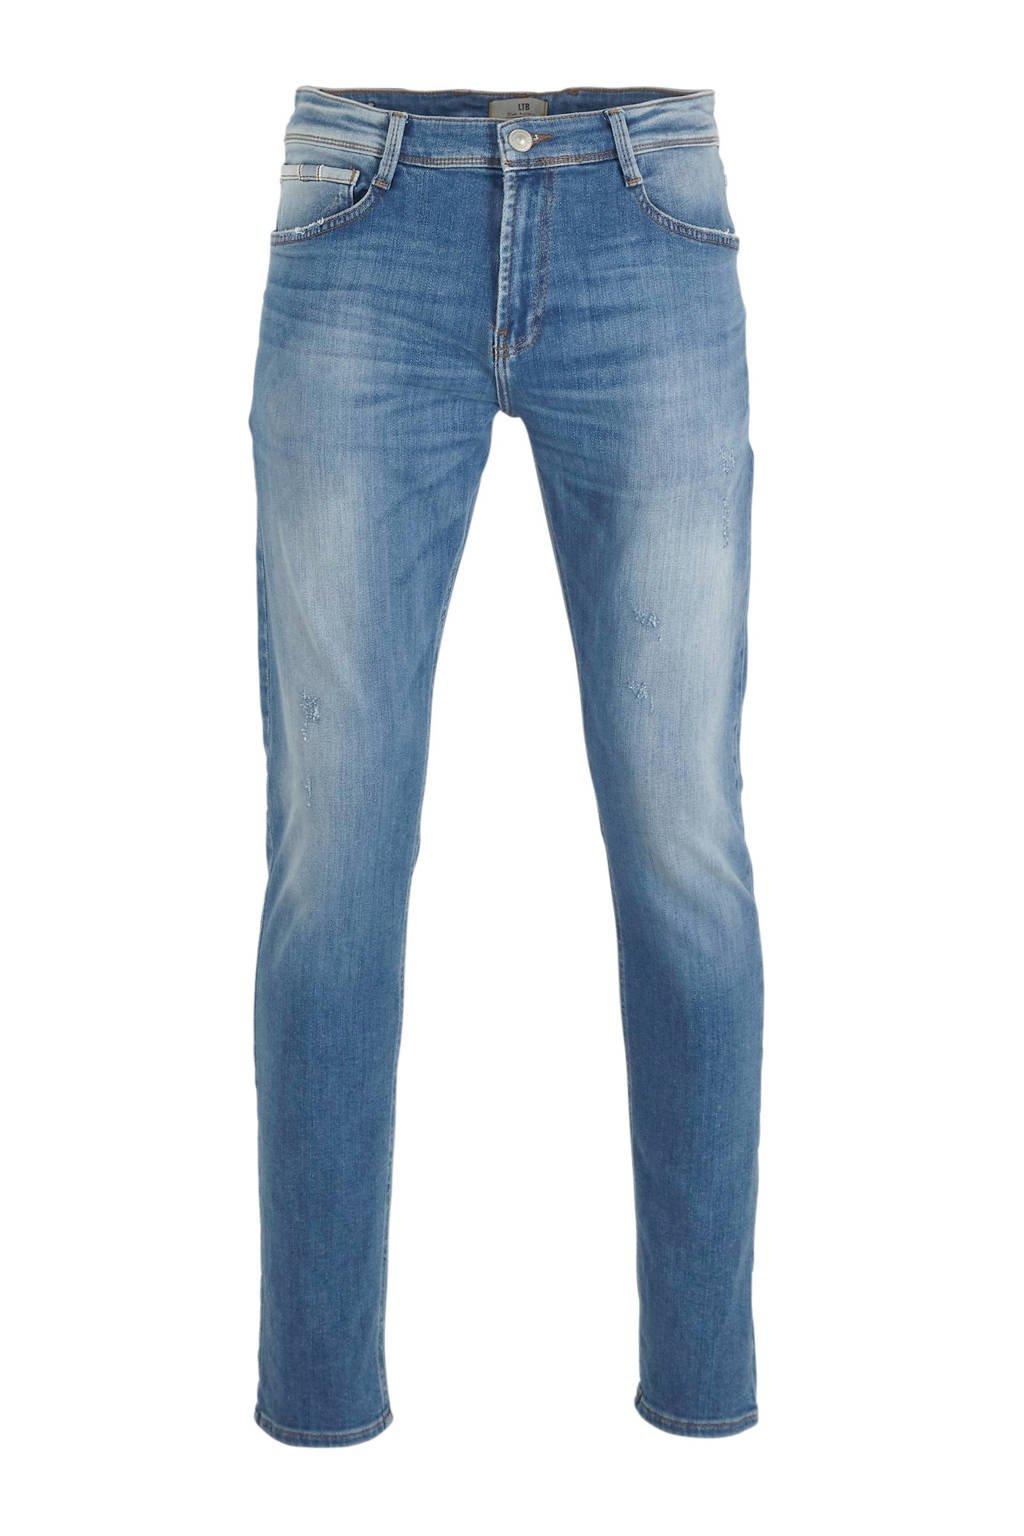 LTB slim fit jeans JONAS X, Light denim